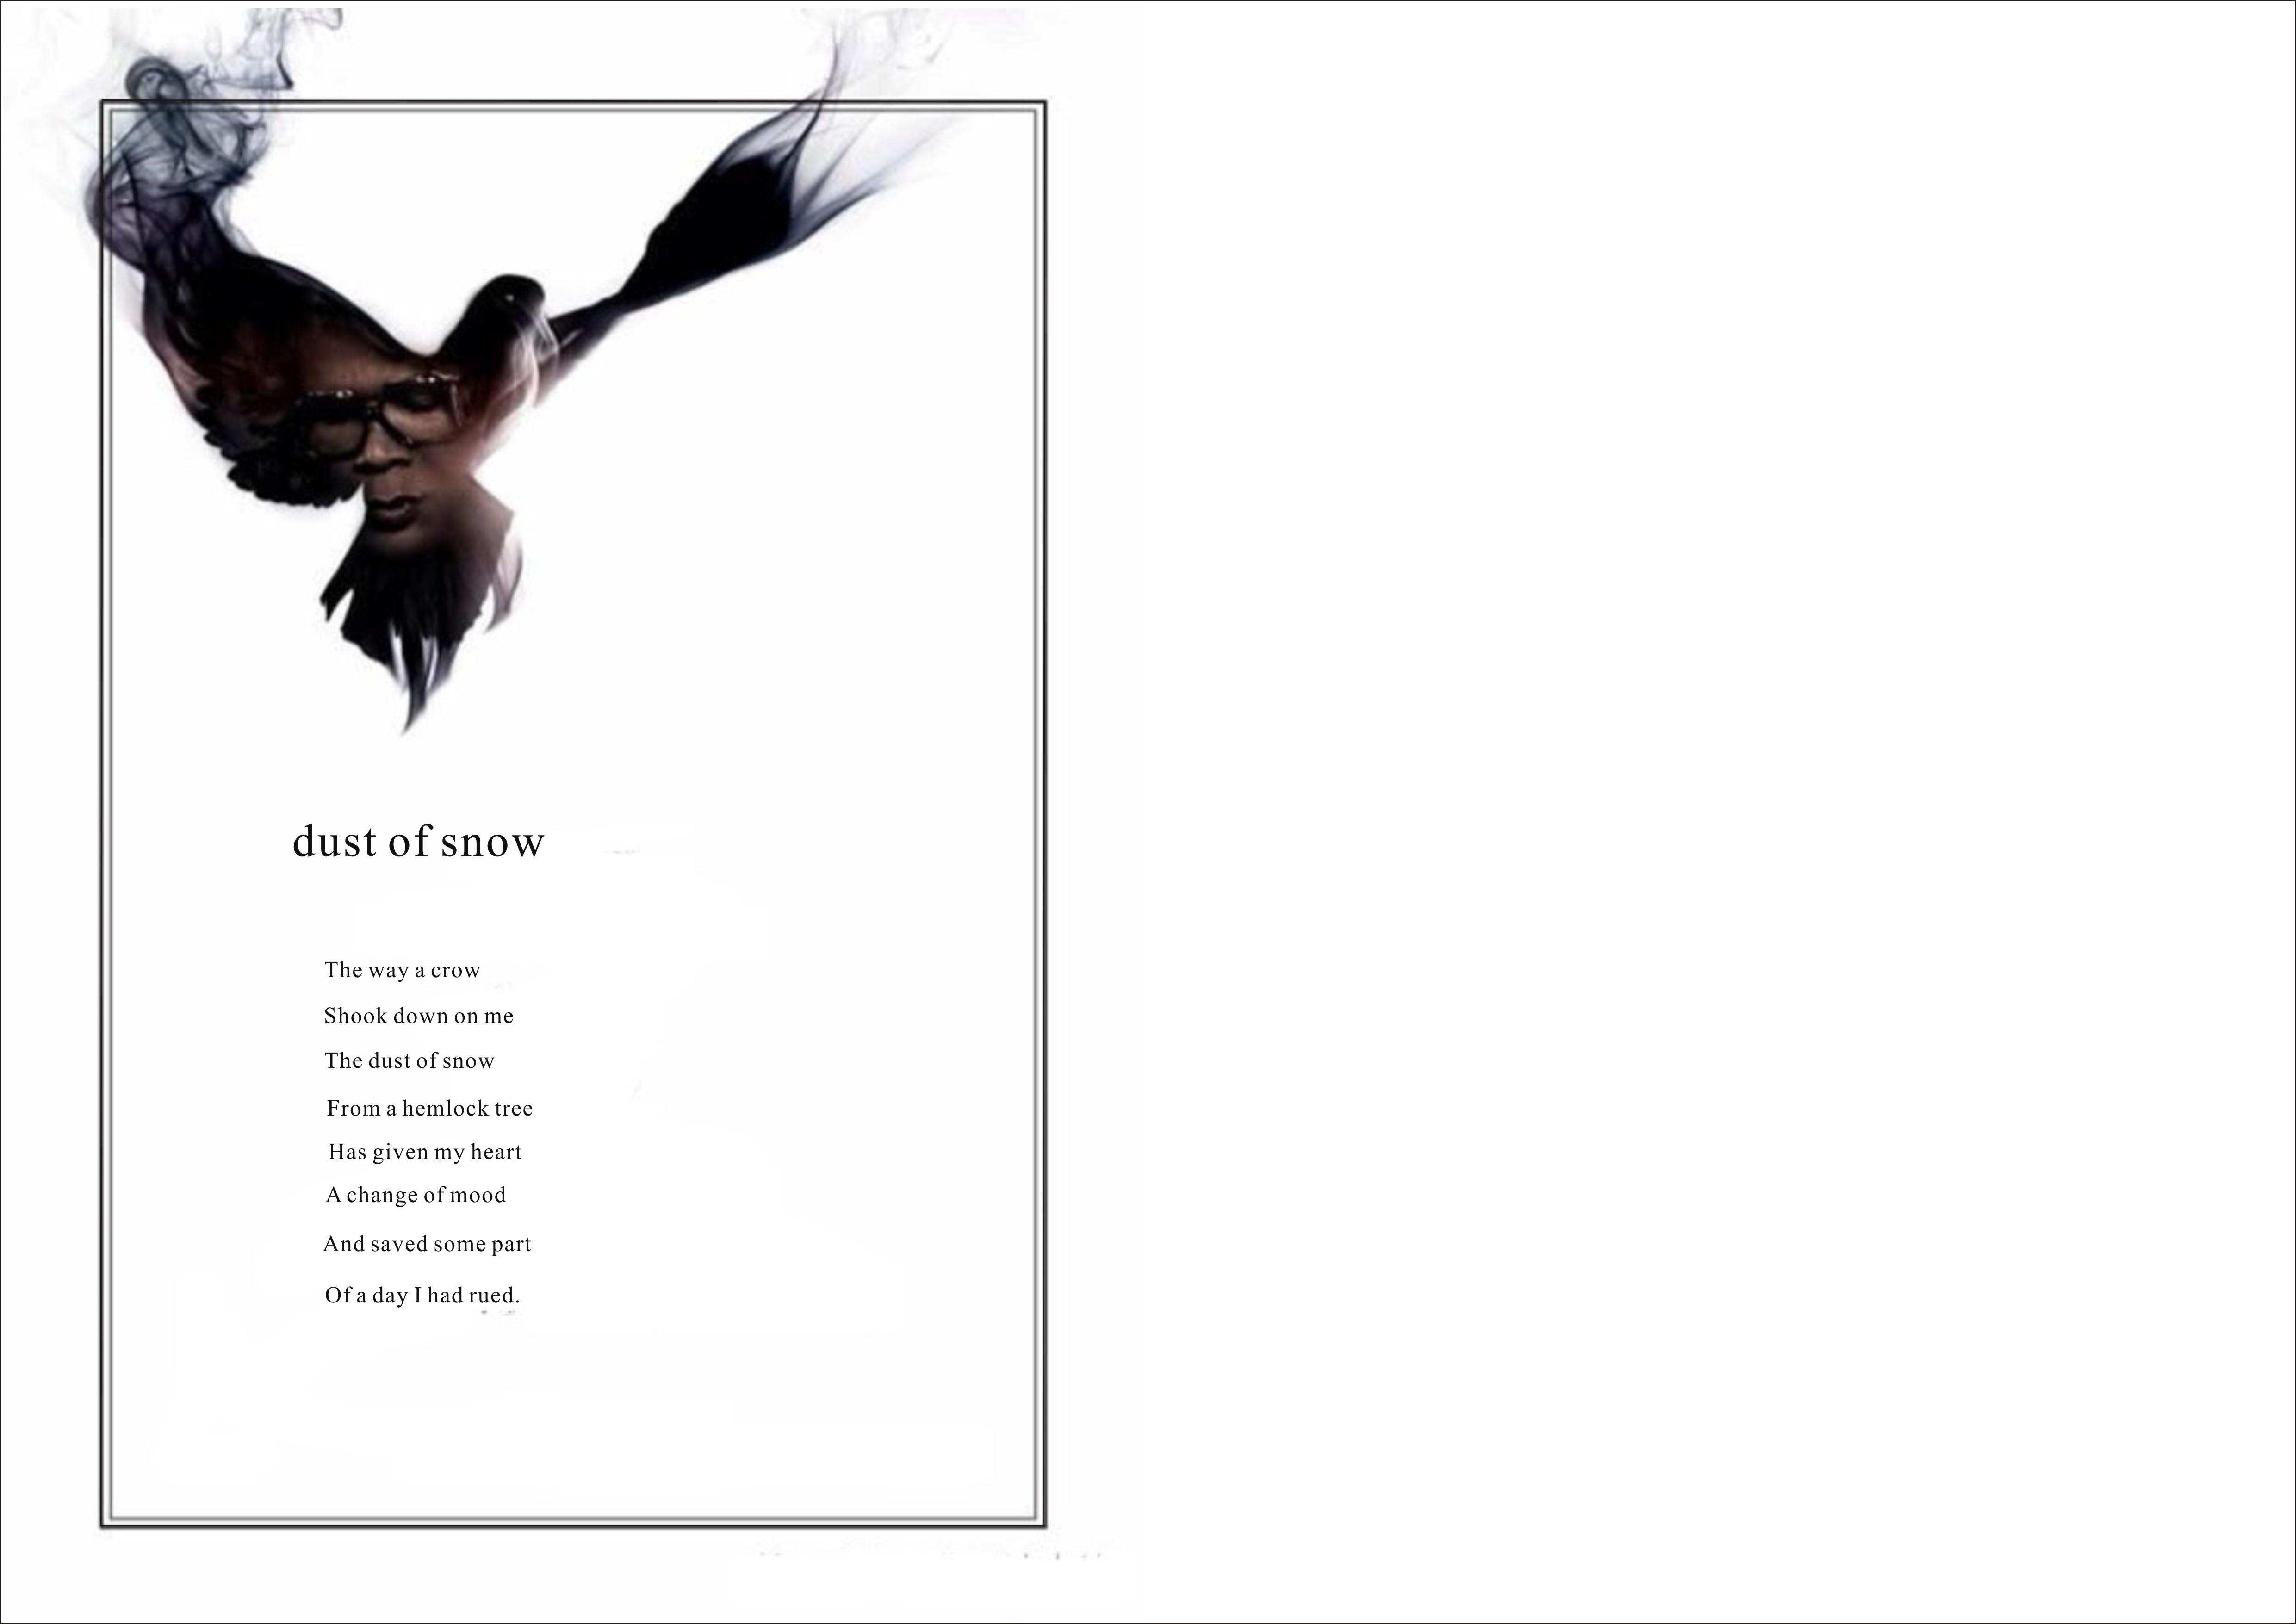 诗歌排版图片